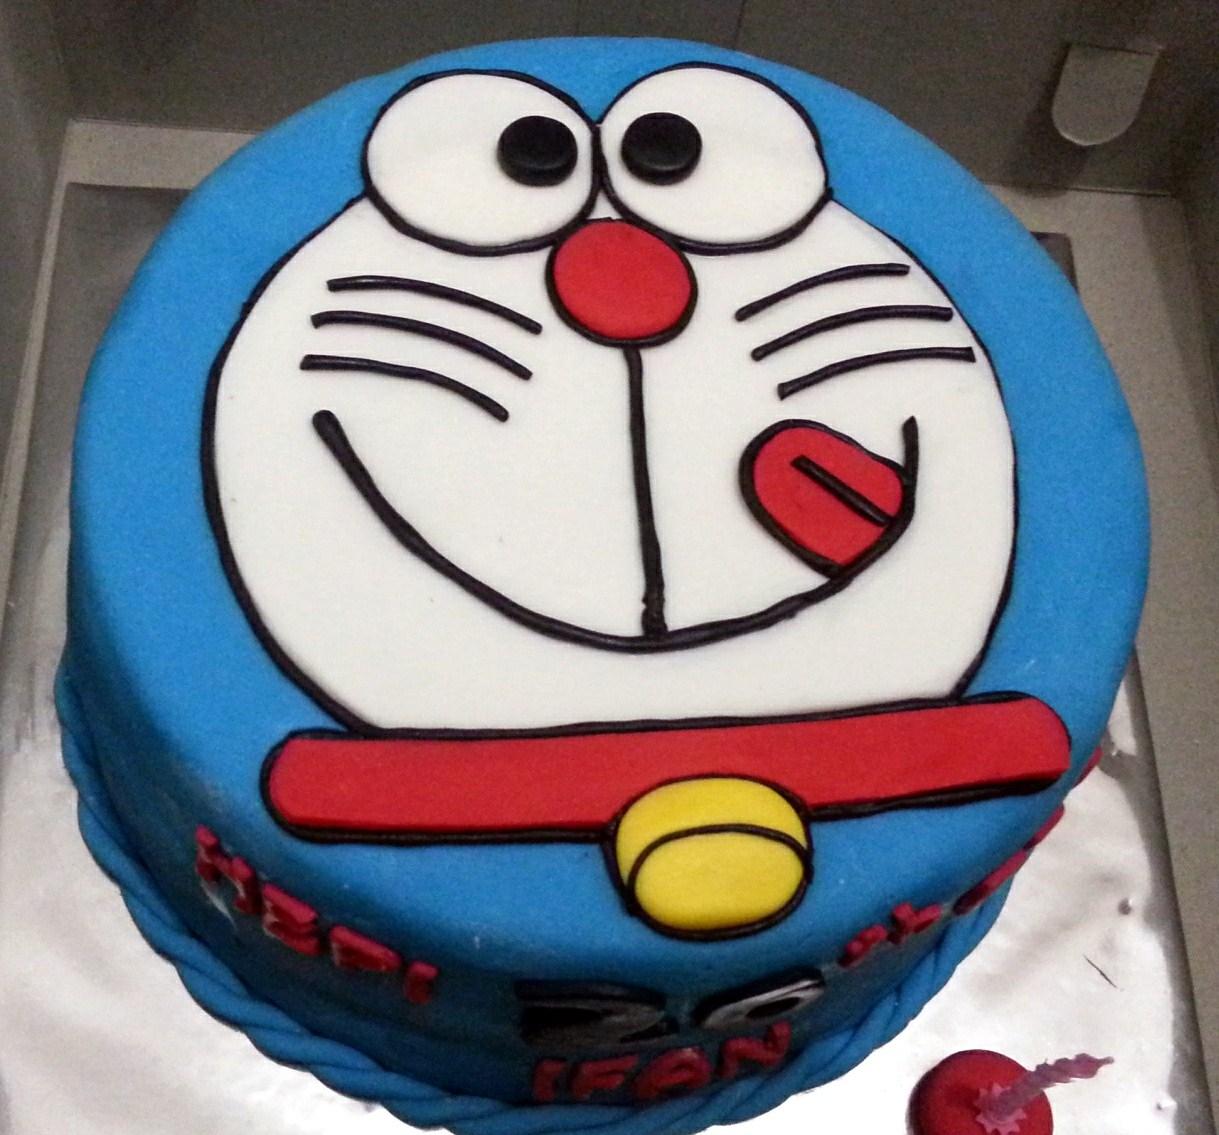 Doraemon Images For Cake : Jane s cakery: Doraemon cakes